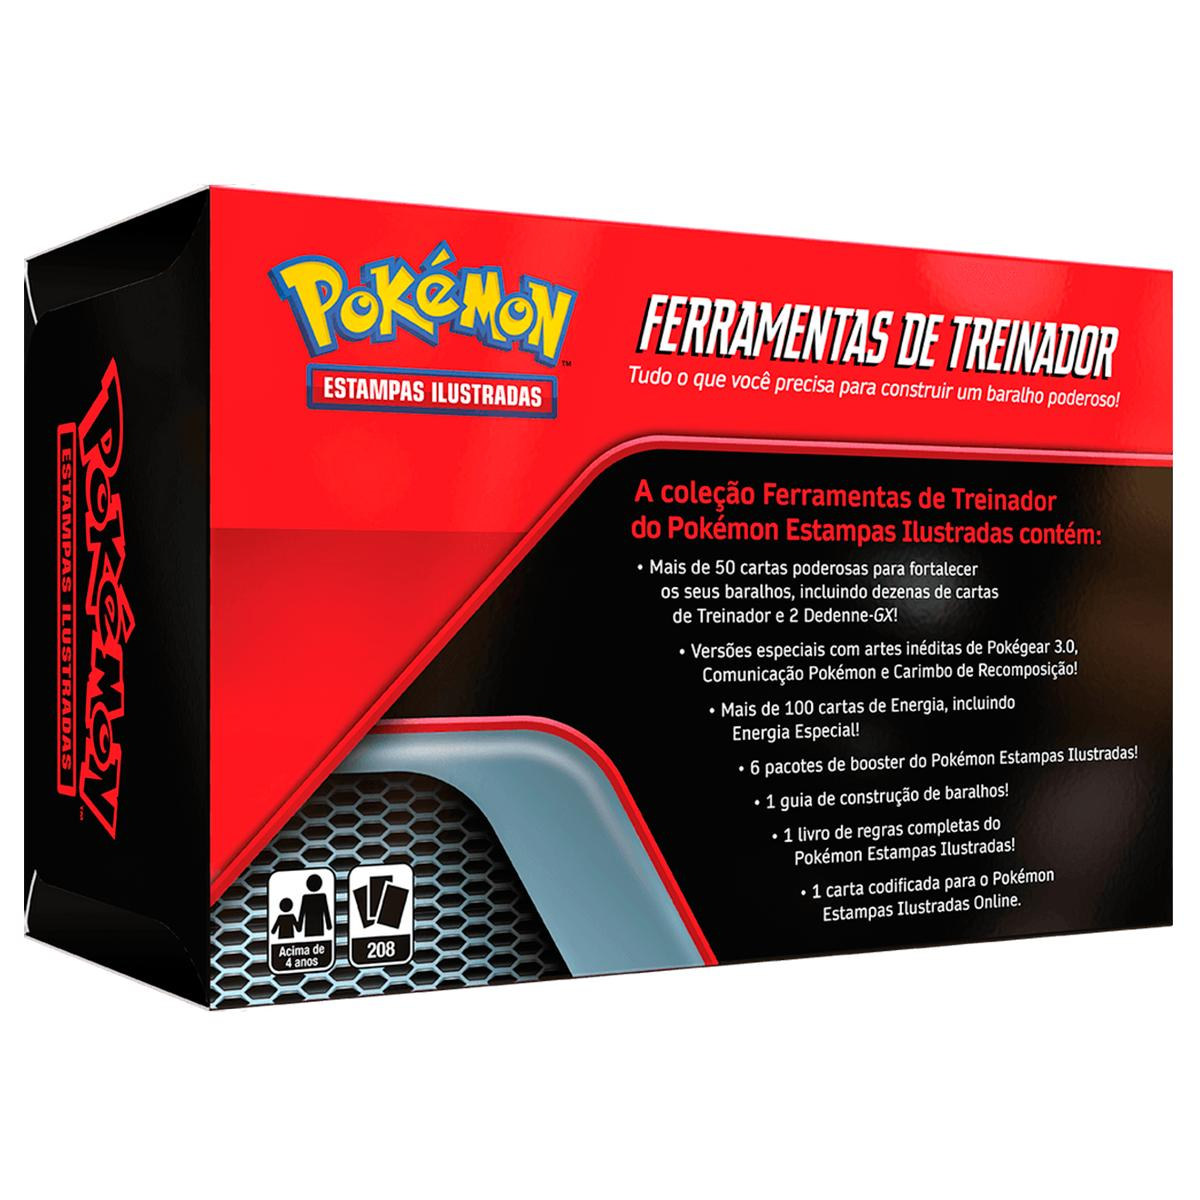 Toolkit Pokémon Ferramentas de Treinador